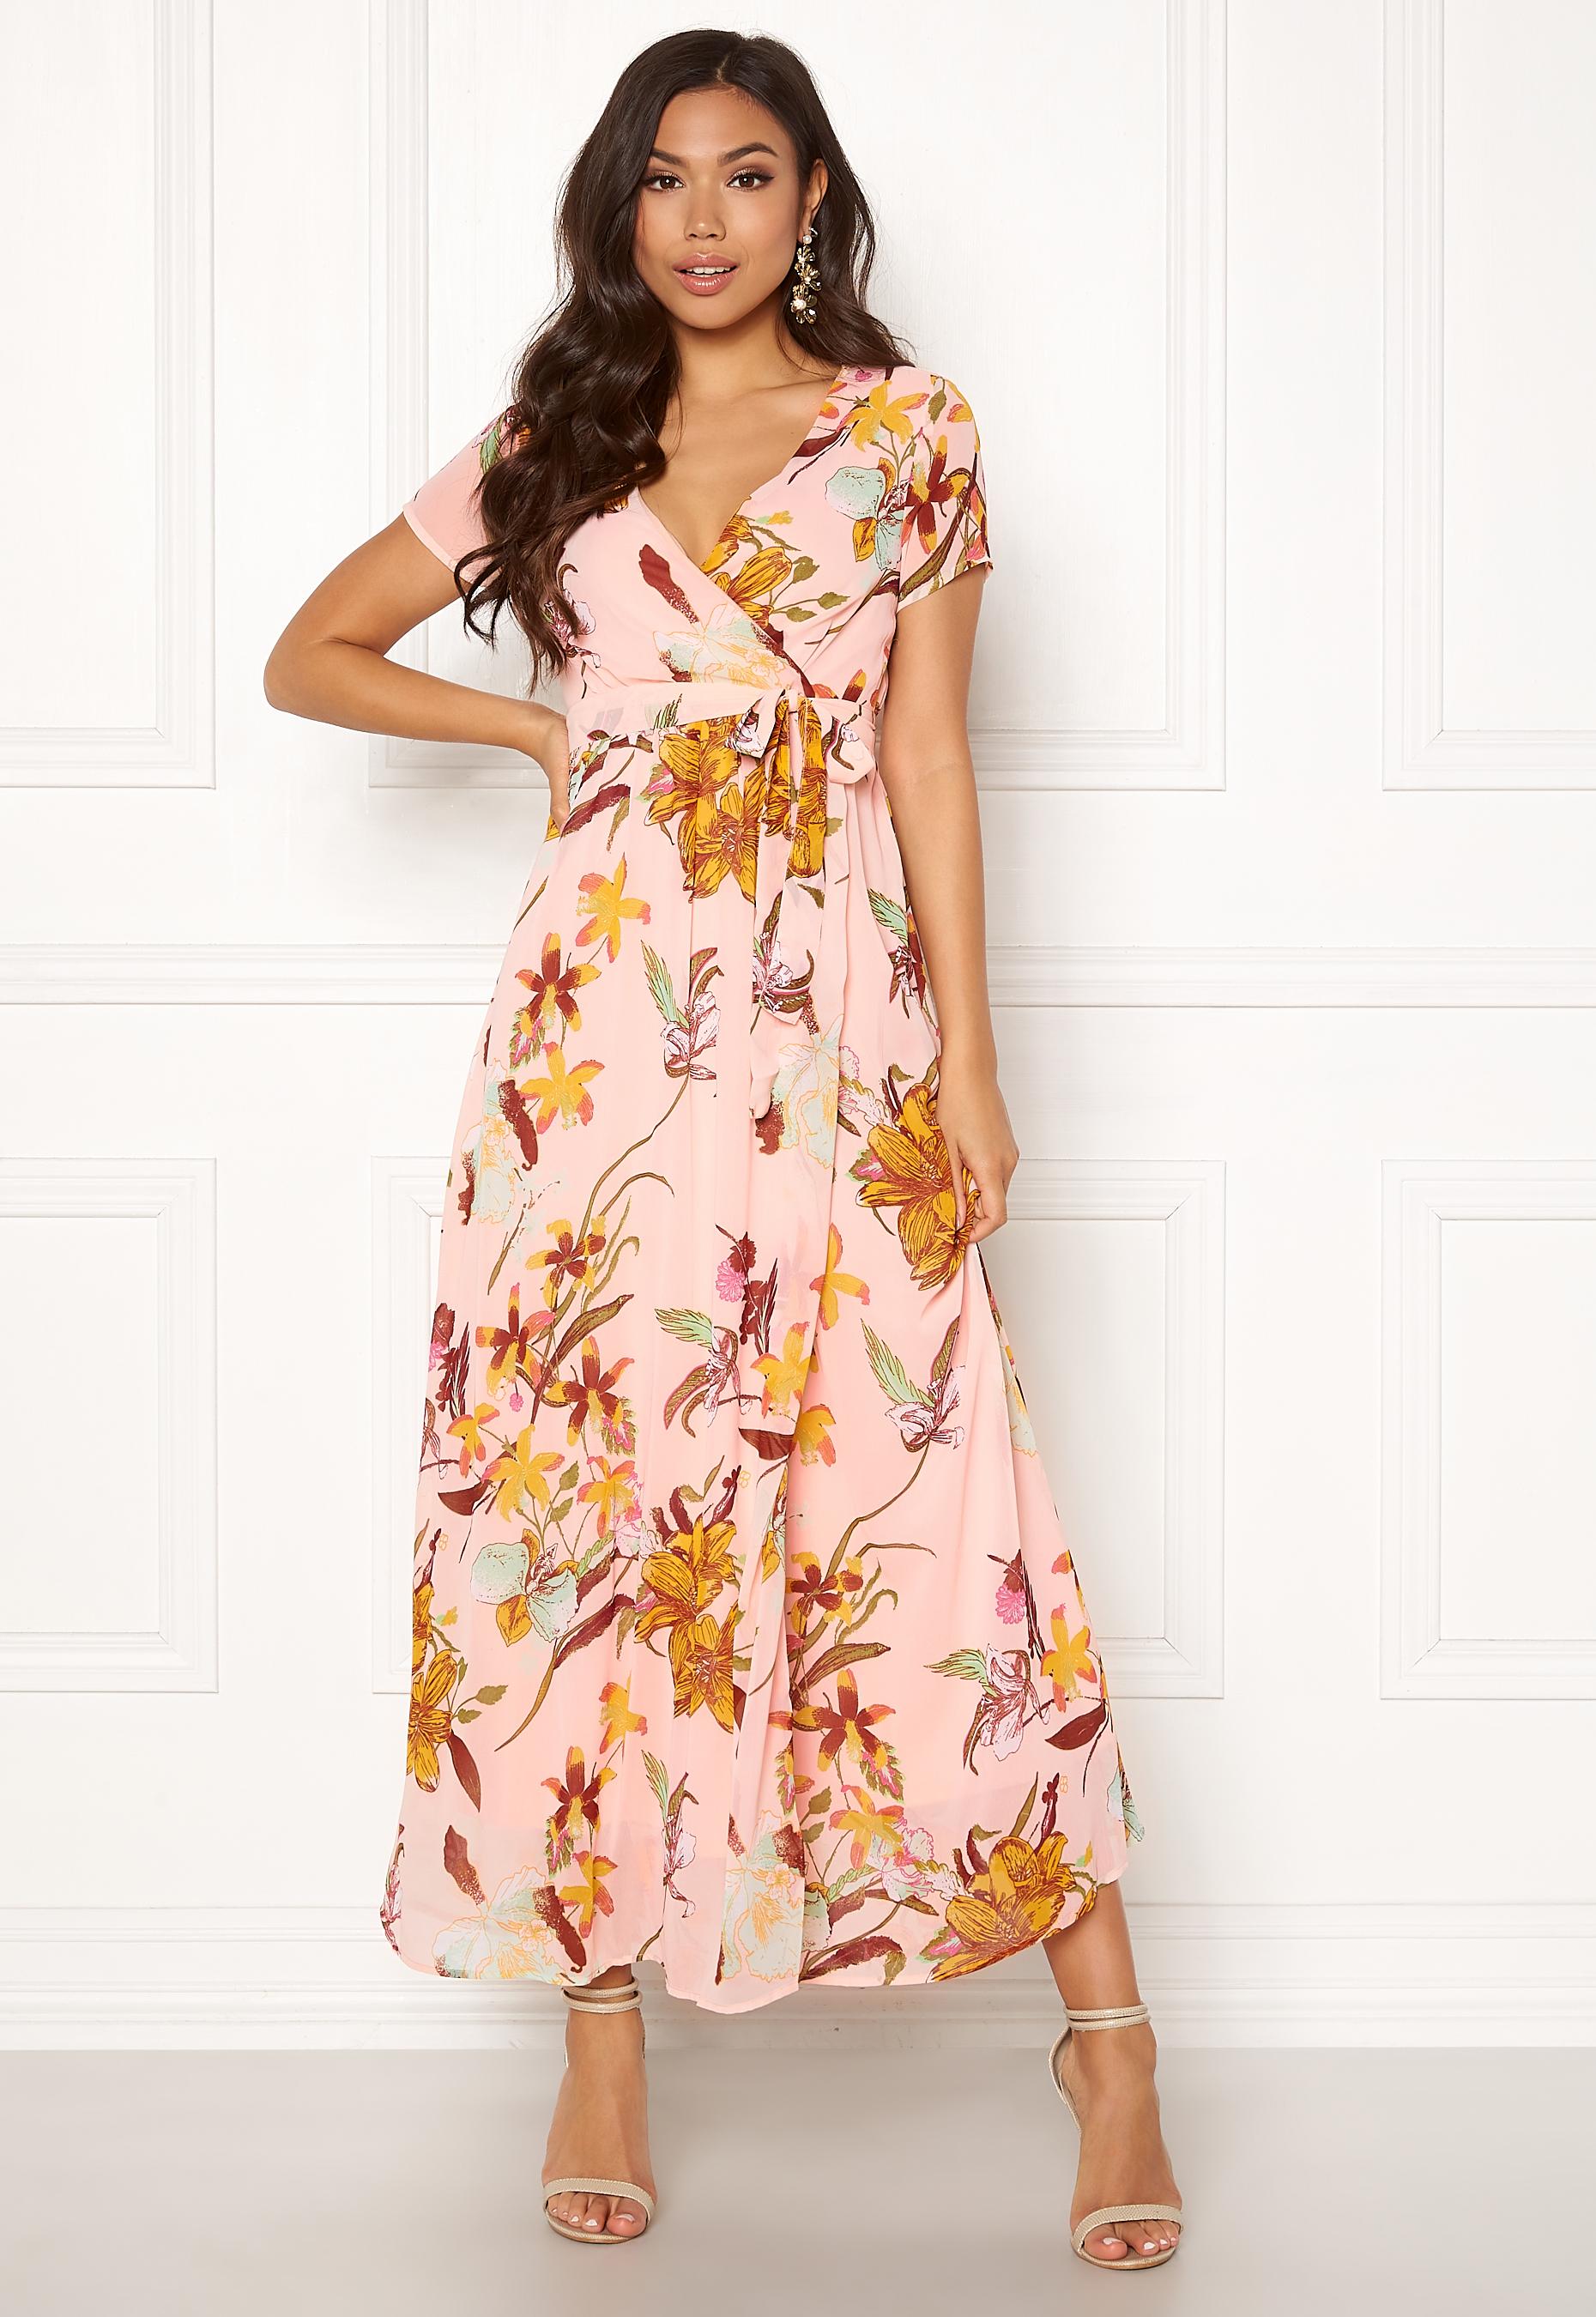 vero moda amsterdam s/s maxi dress sepia rose - bubbleroom